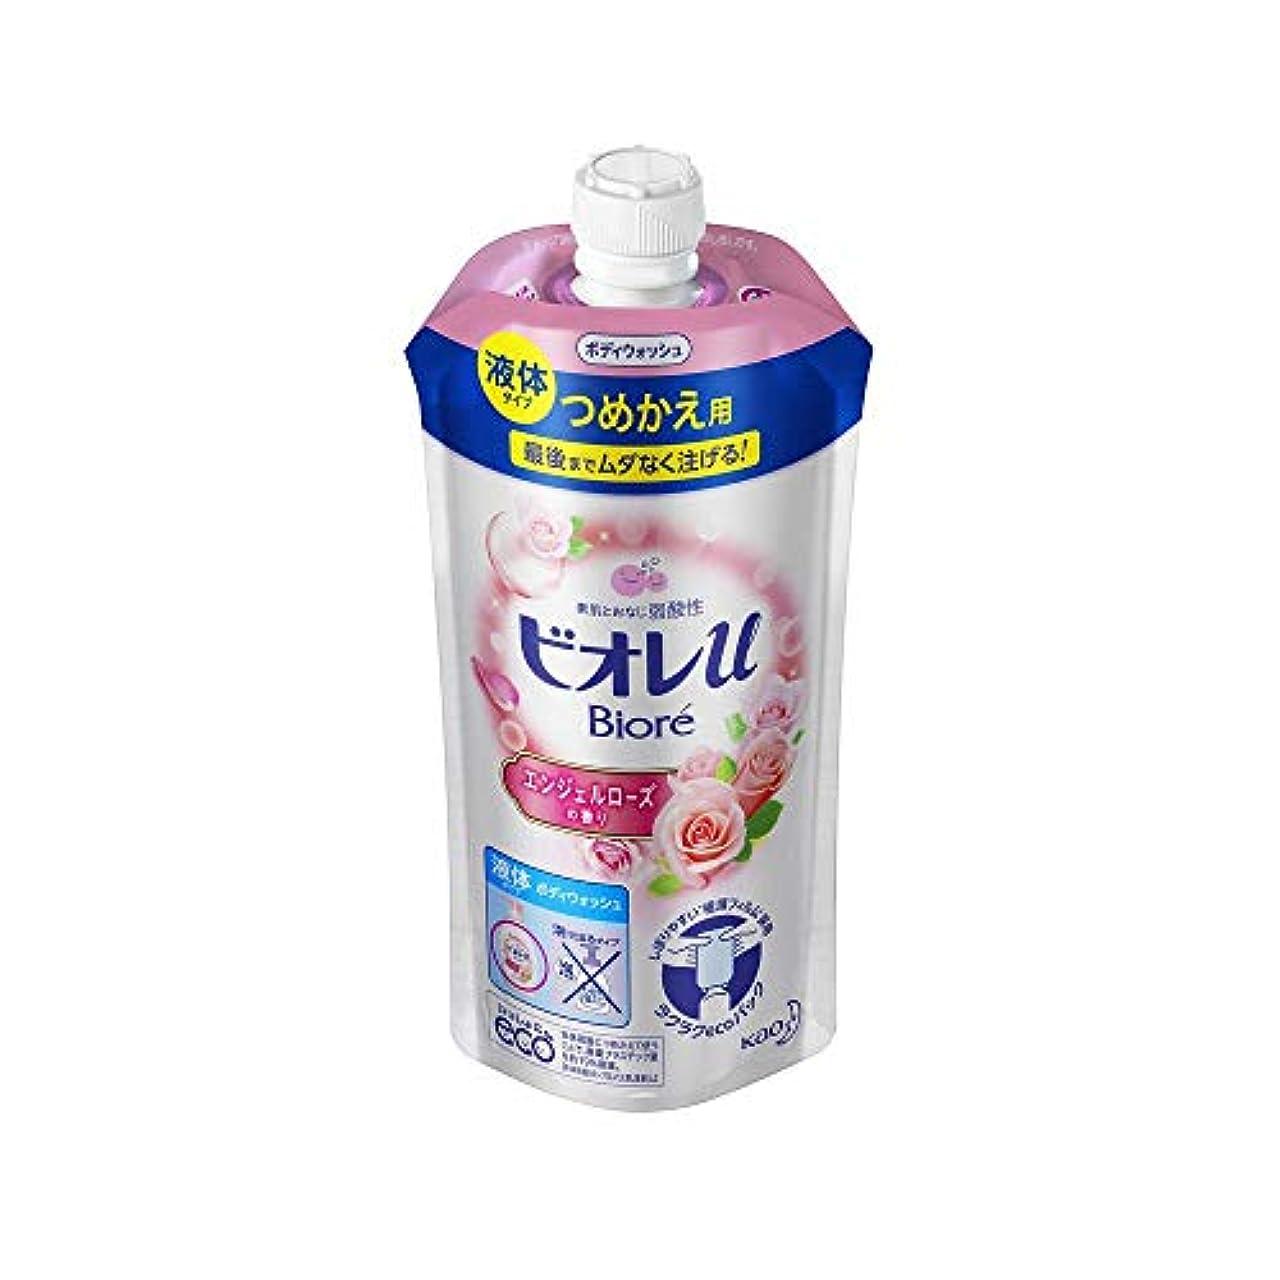 近傍仮称職人花王 ビオレu エンジェルローズの香りつめかえ用 340ML